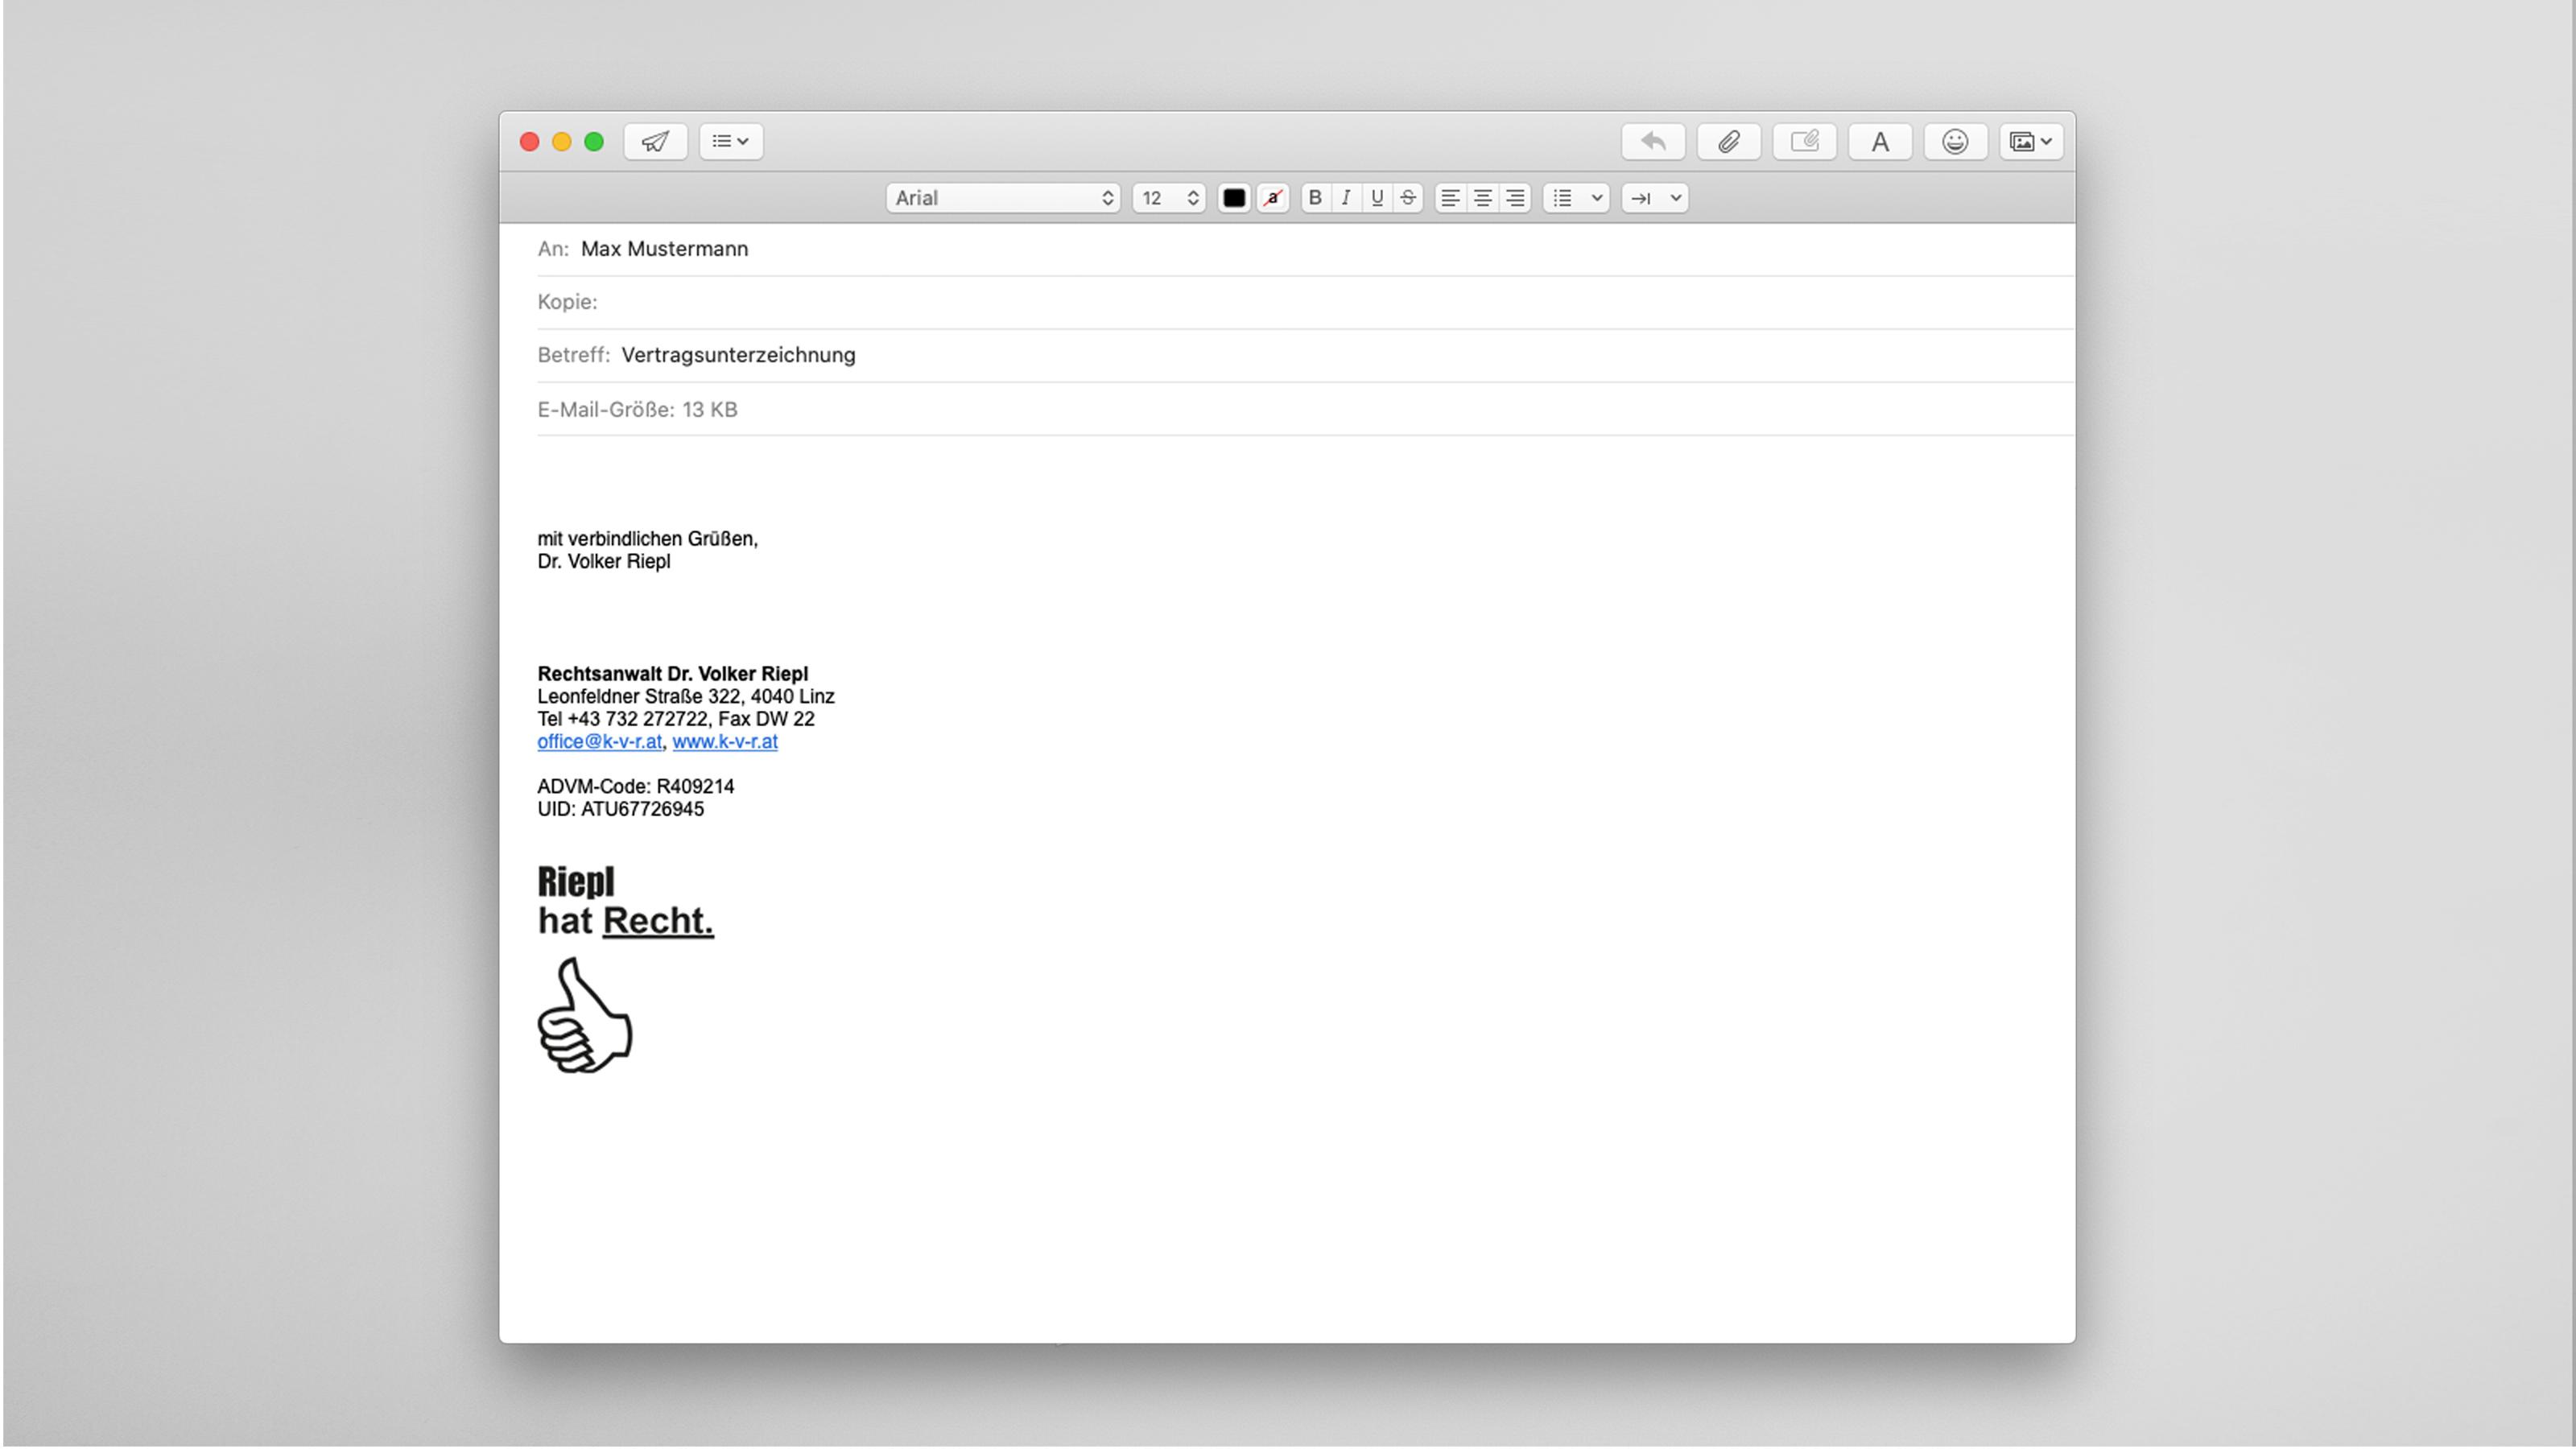 Riepl Referenz Emailsignatur